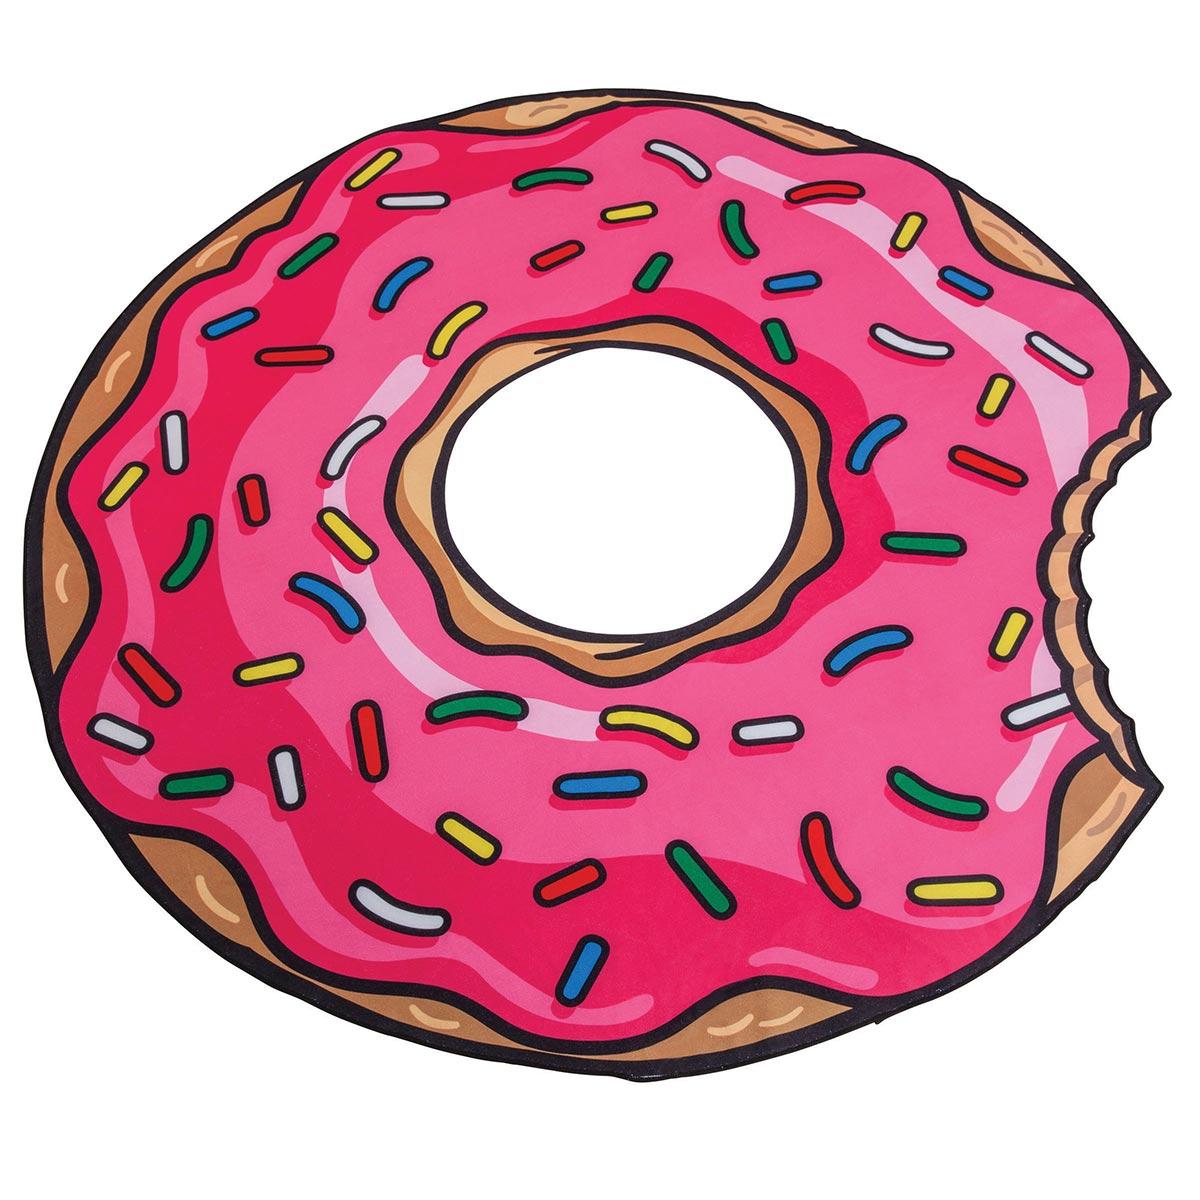 Serviette de plage rose Donut